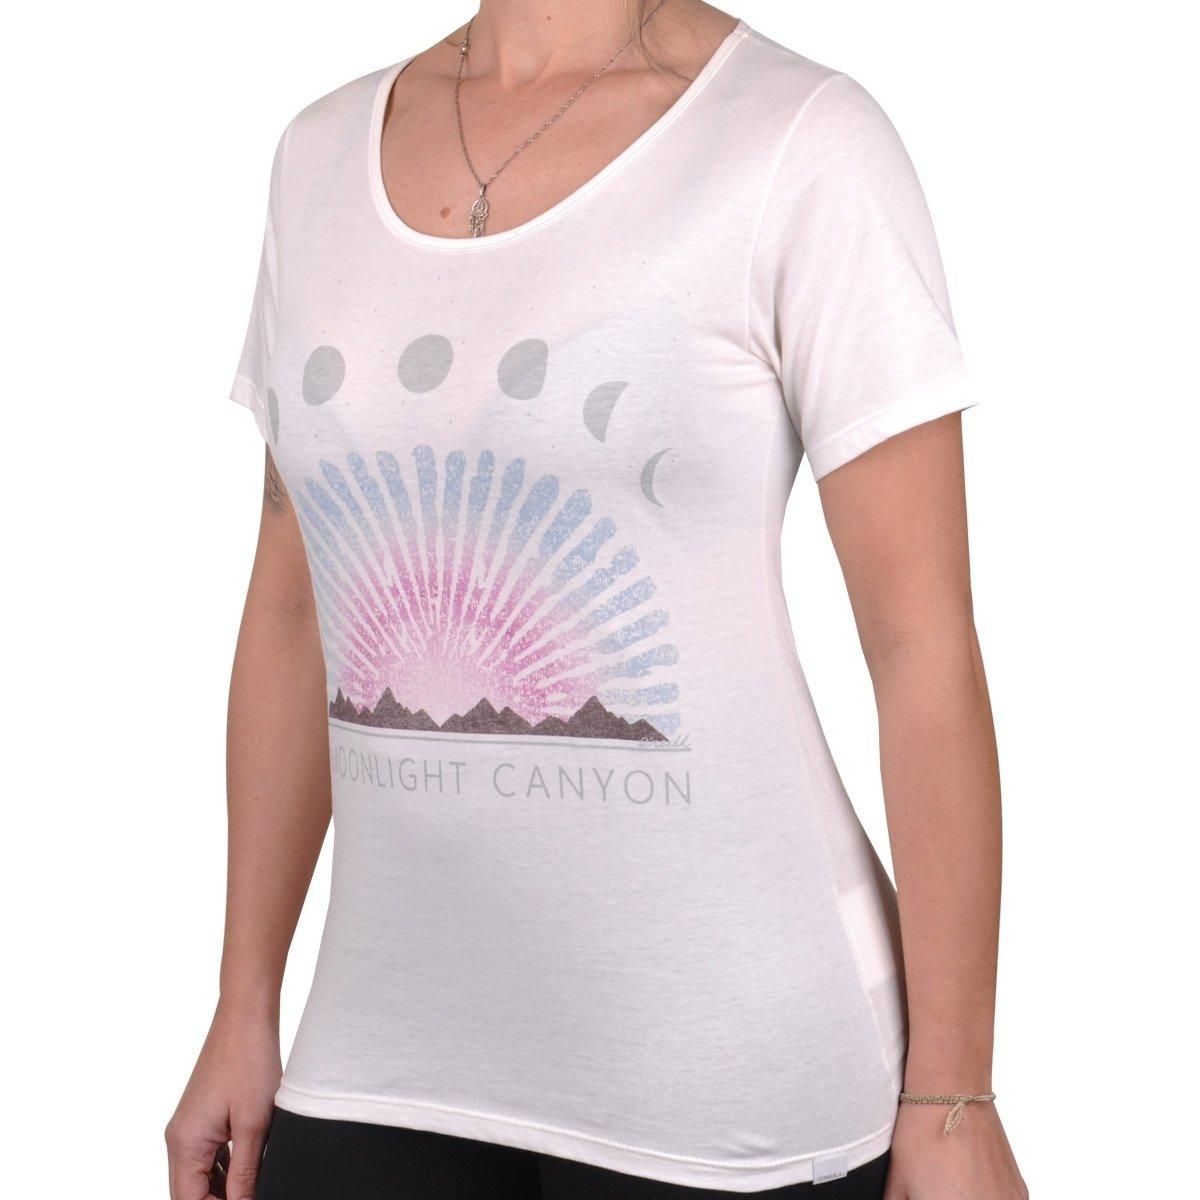 Palm Pretty Feminina Camiseta O'neill Camiseta Palm Branco Feminina O'neill Pretty rrfxYq0